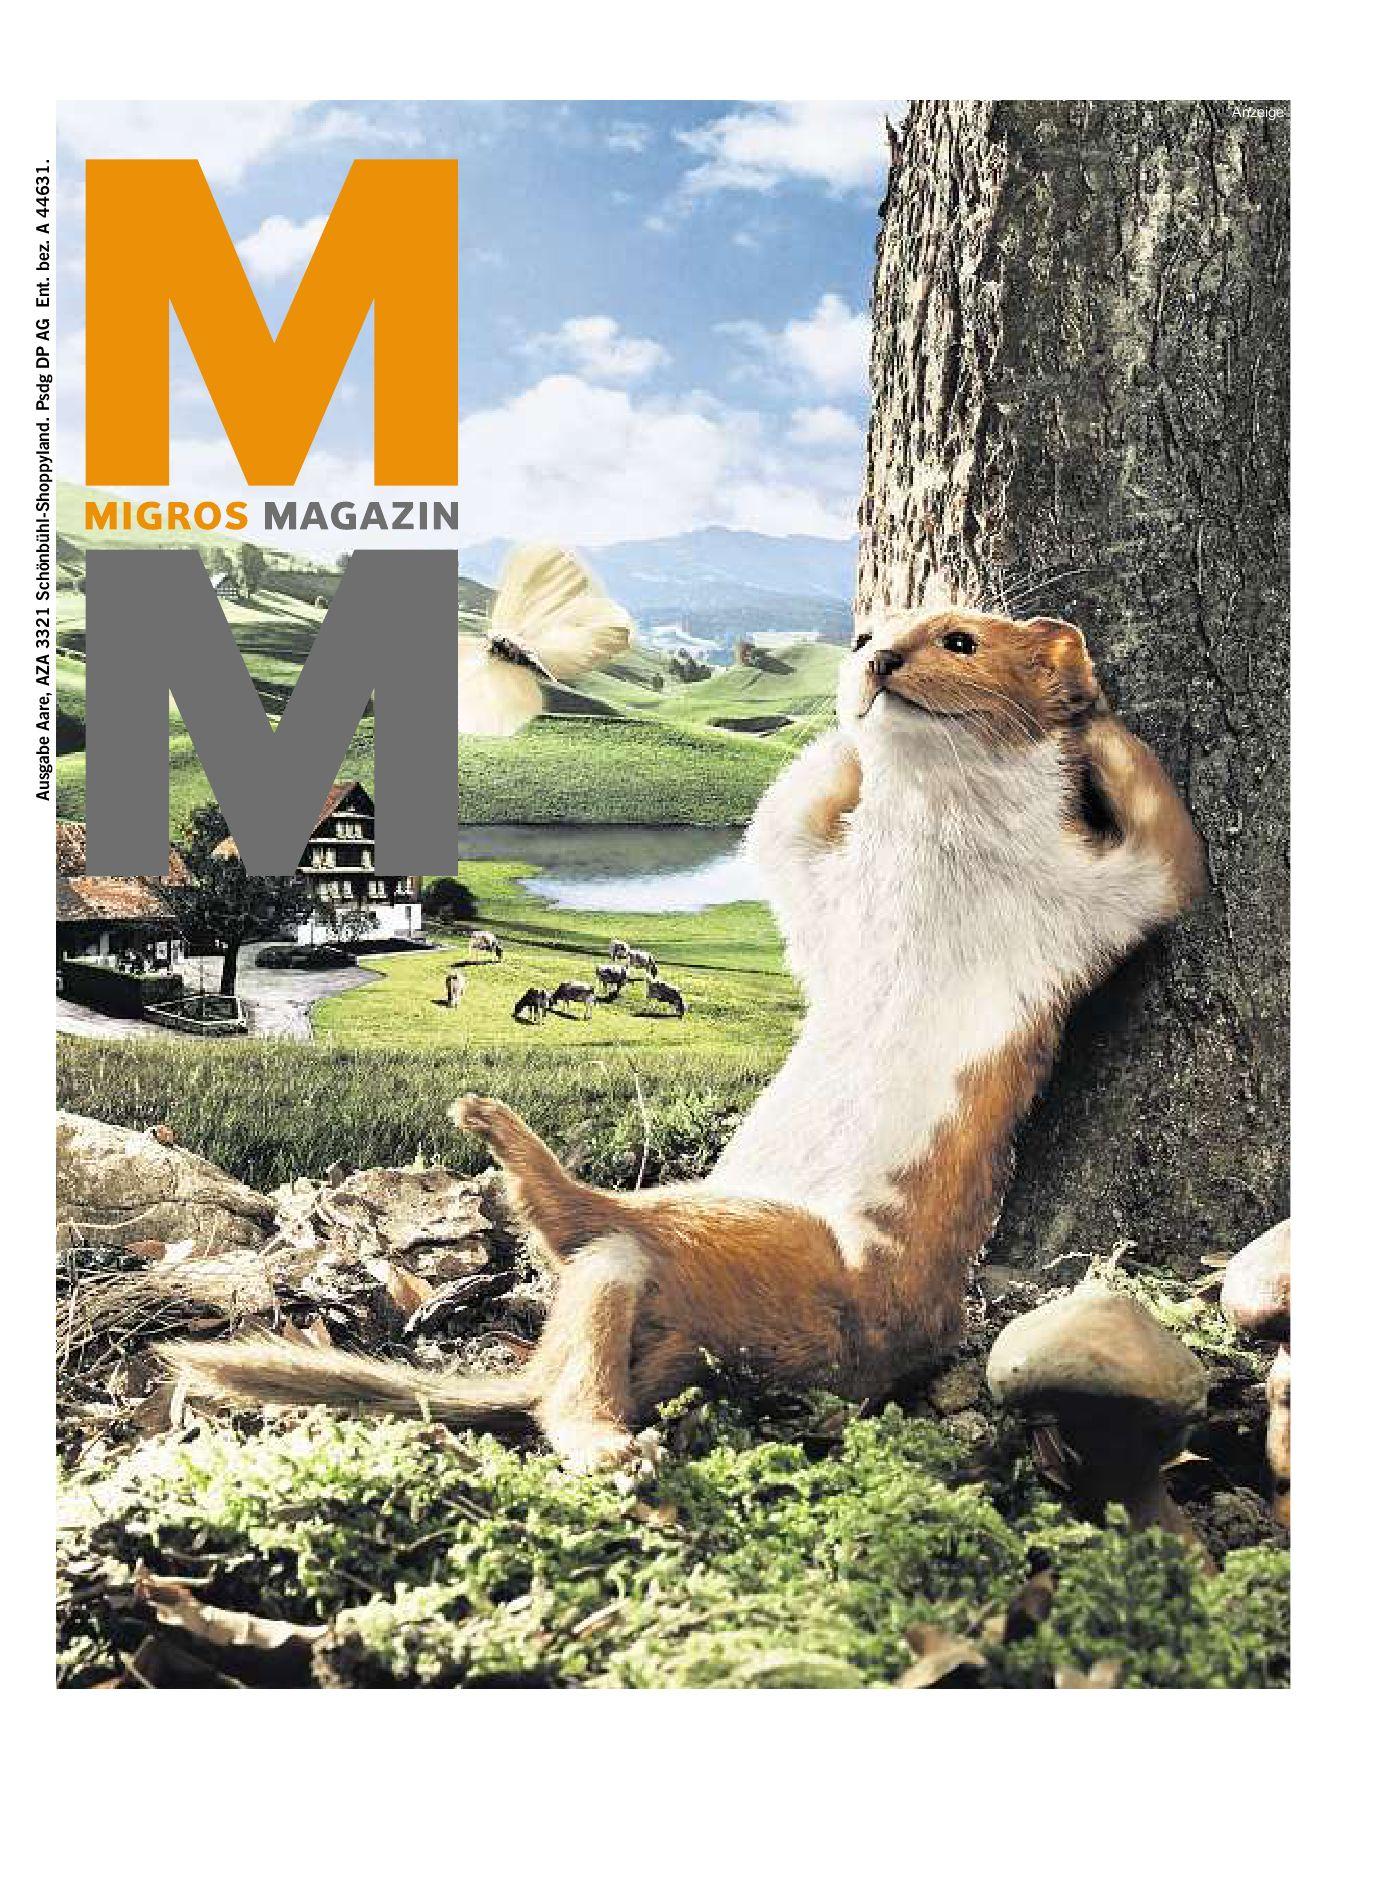 Migros Magazin 16 2008 d AA by Migros-Genossenschafts-Bund - issuu